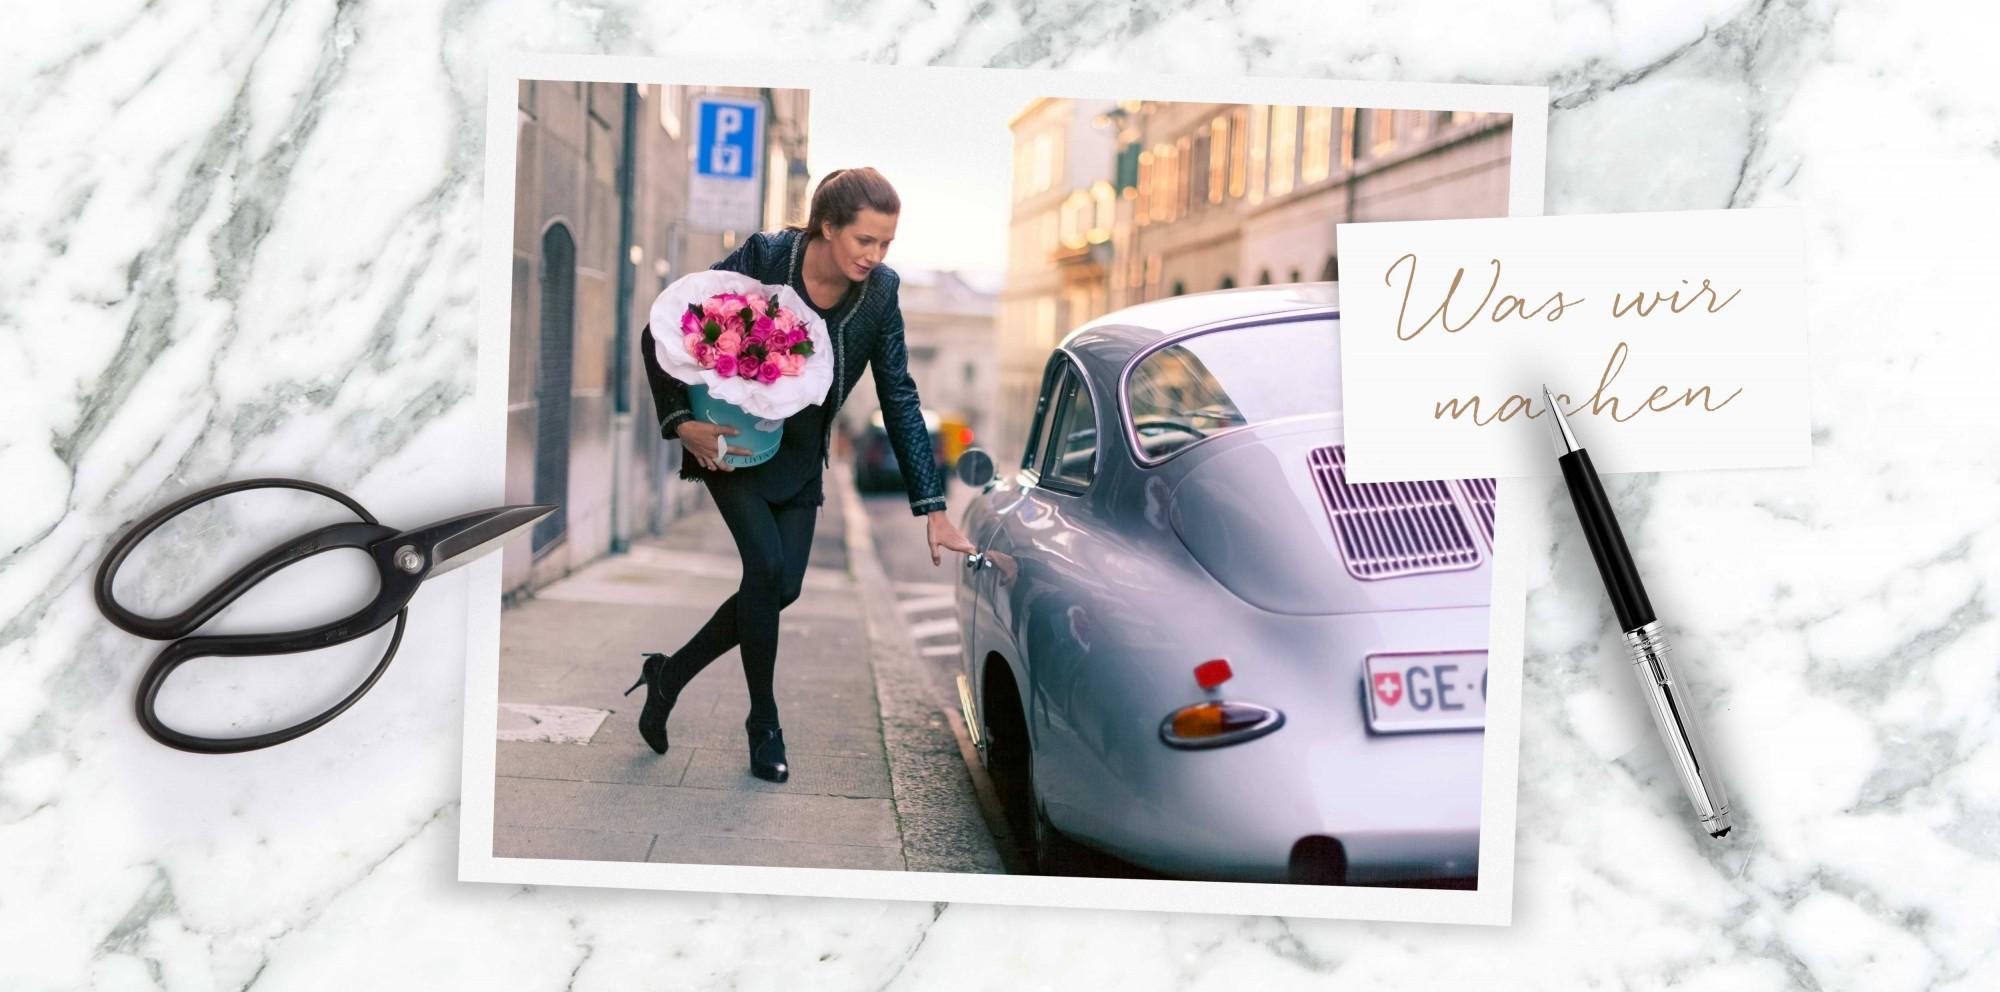 über uns - PANAMY Blumenversand in der Schweiz, Zürich, Basel, Bern, St Gallen, Luzern